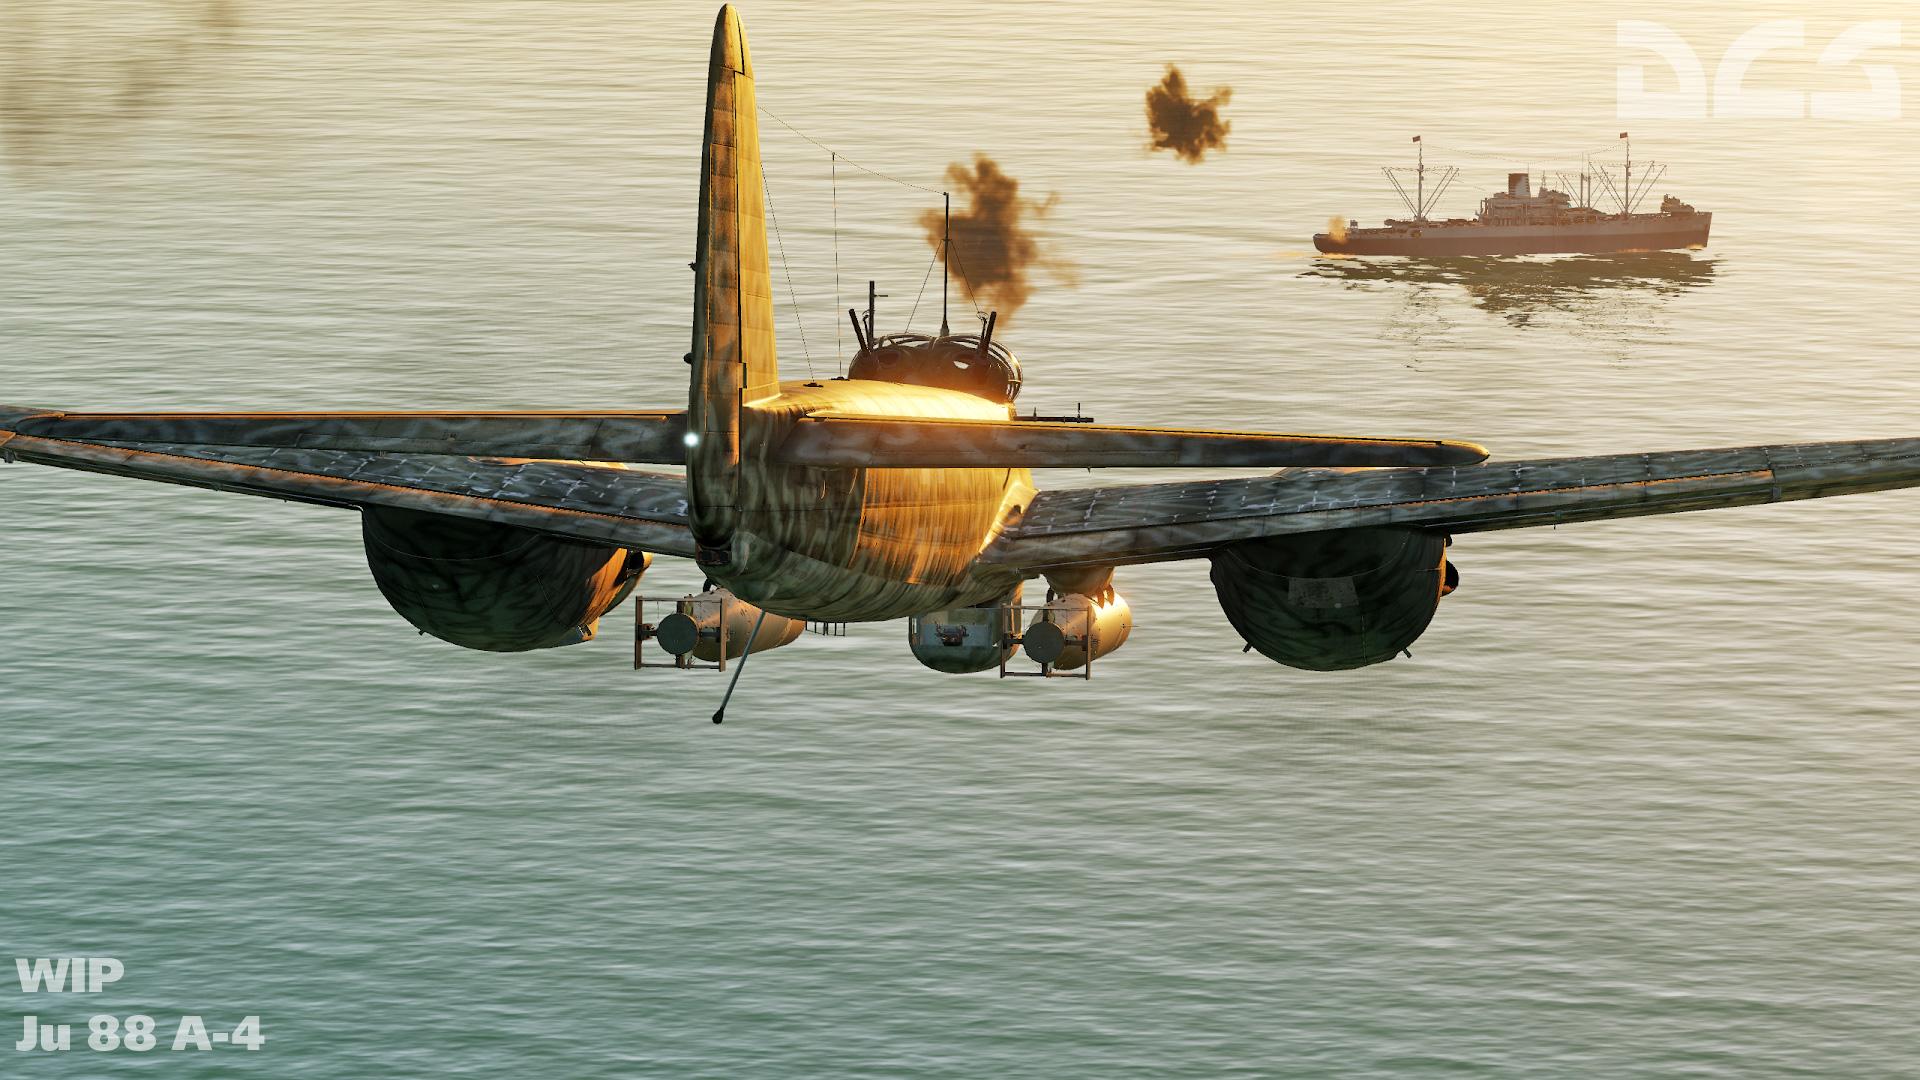 2020-01-23-Ju-88-A-4-03.jpg